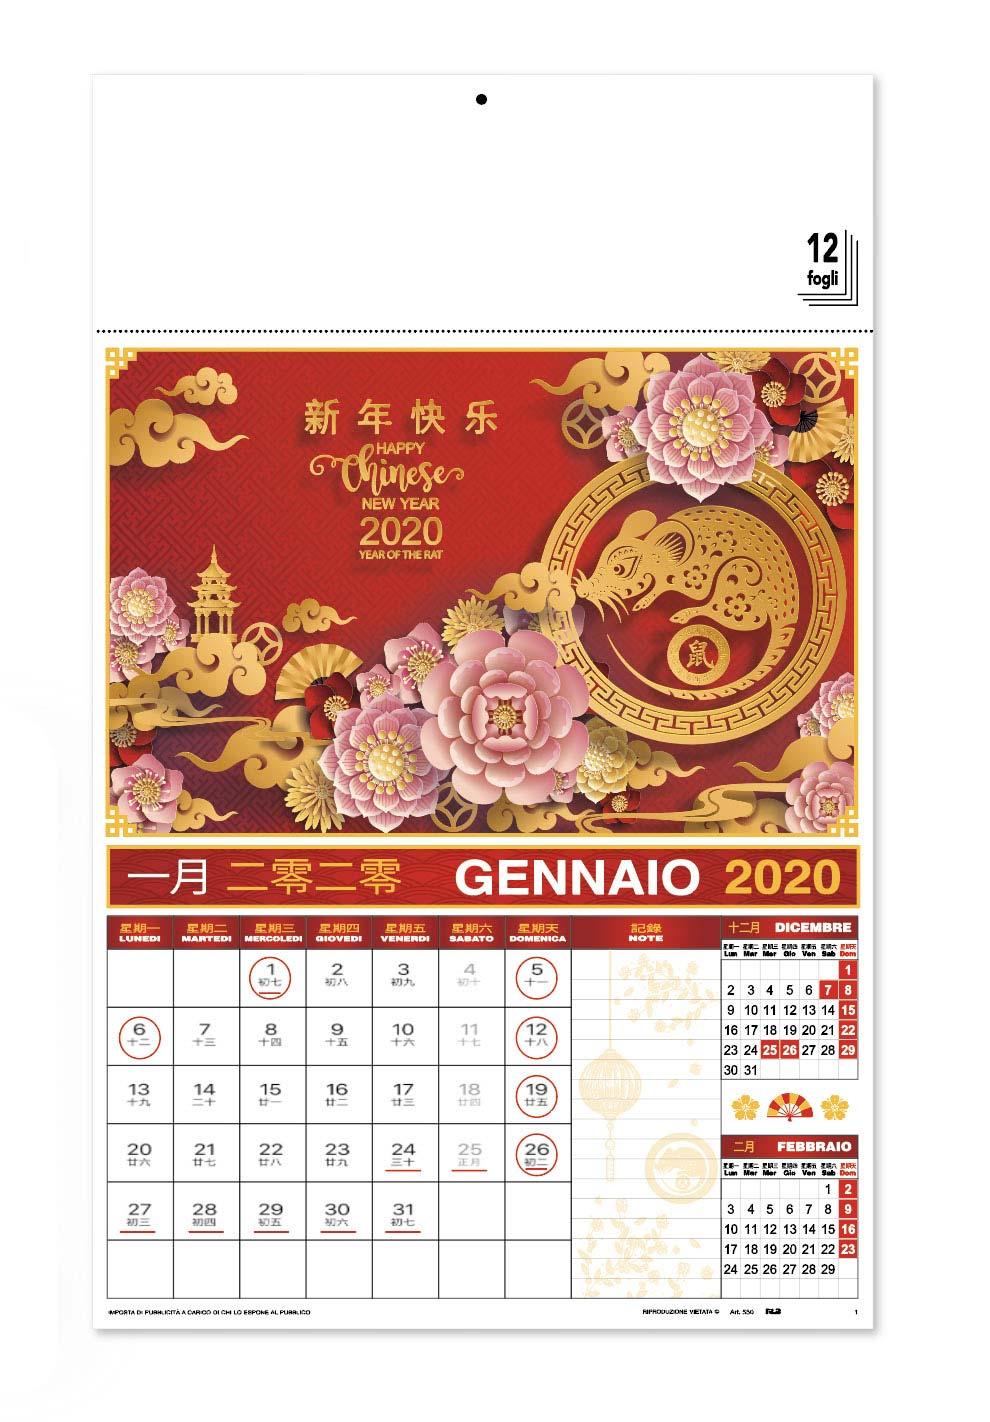 2020 Calendario Cinese.Calendario Oroscopo Cinese 2020